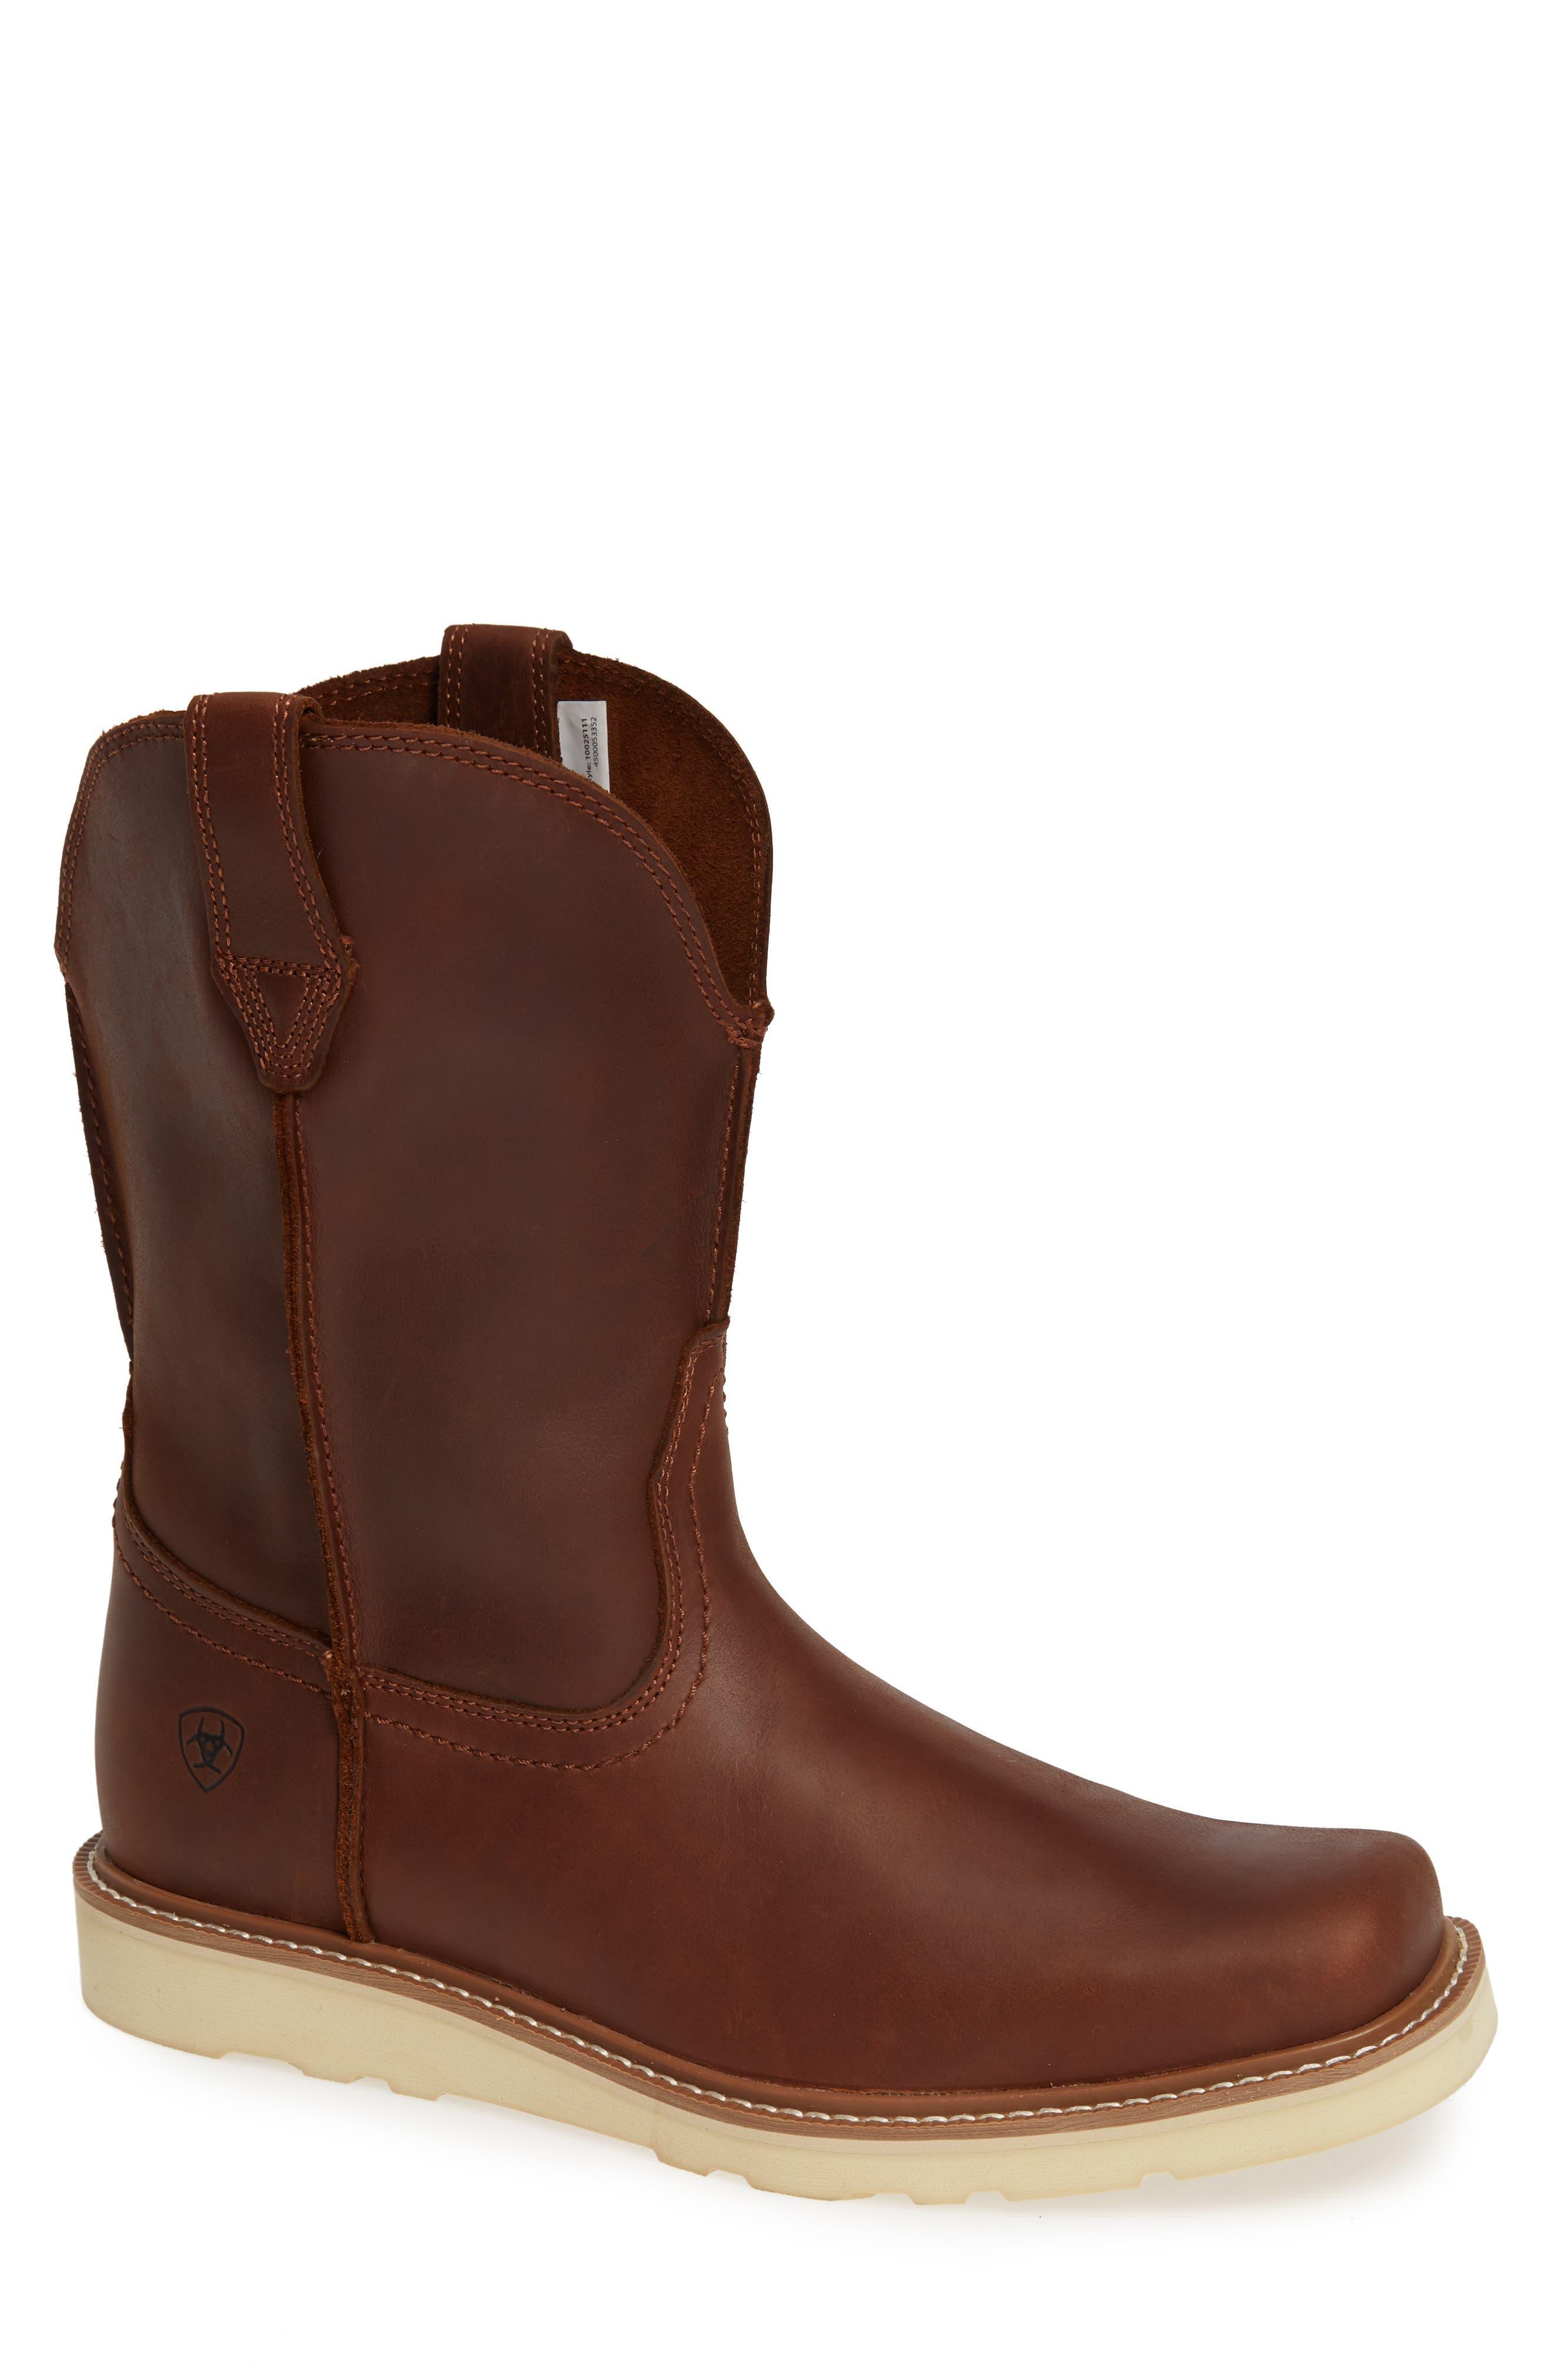 Ariat Rambler Boot- Brown